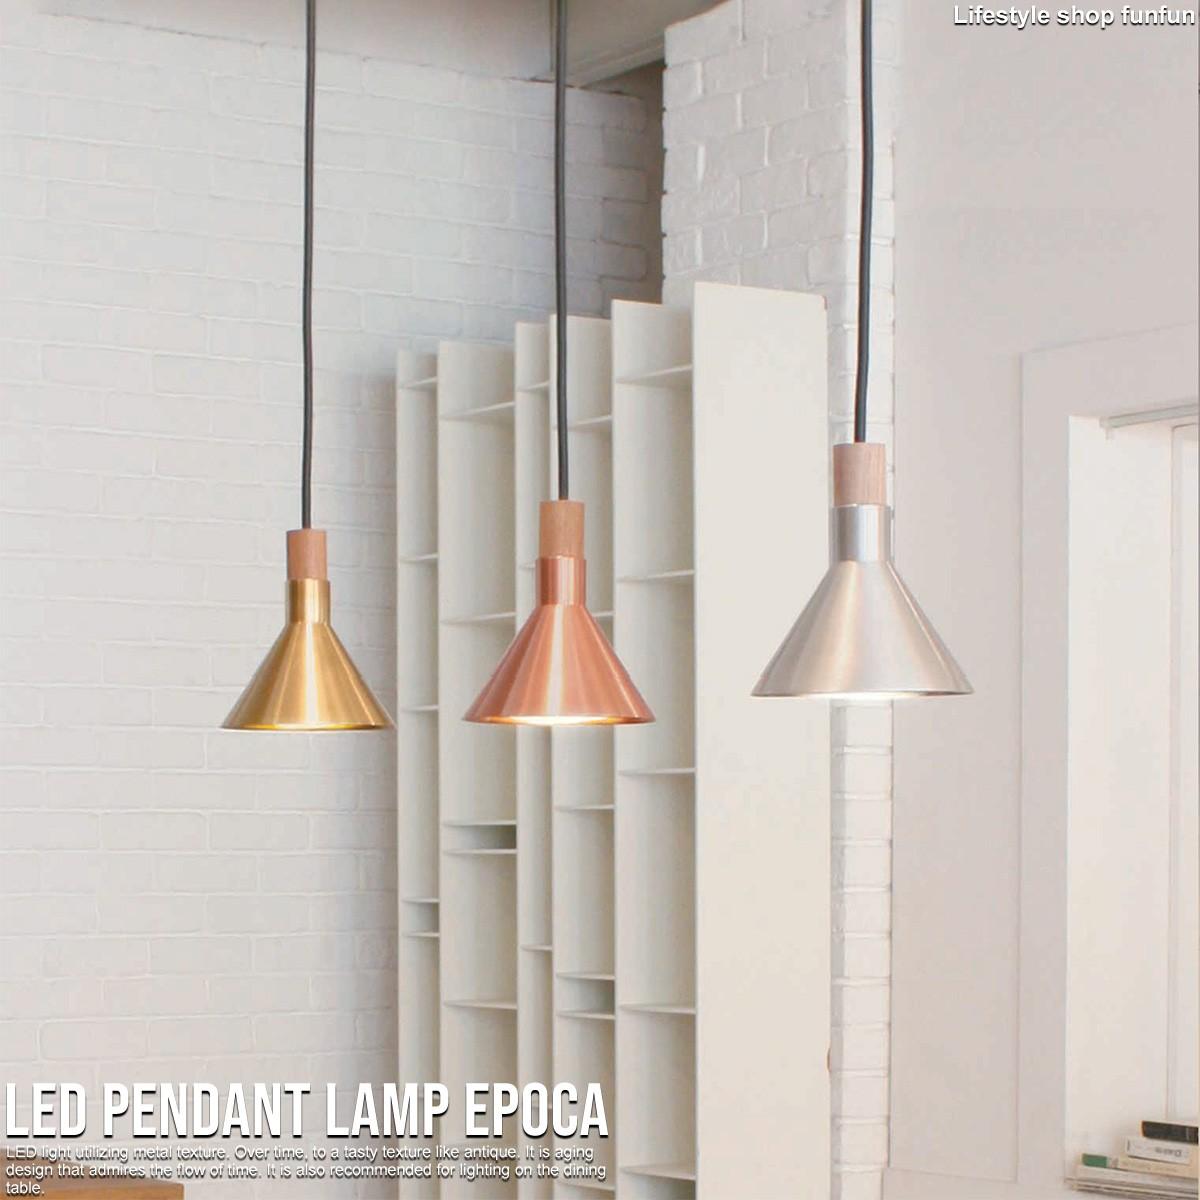 LEDエポカペンダントランプ